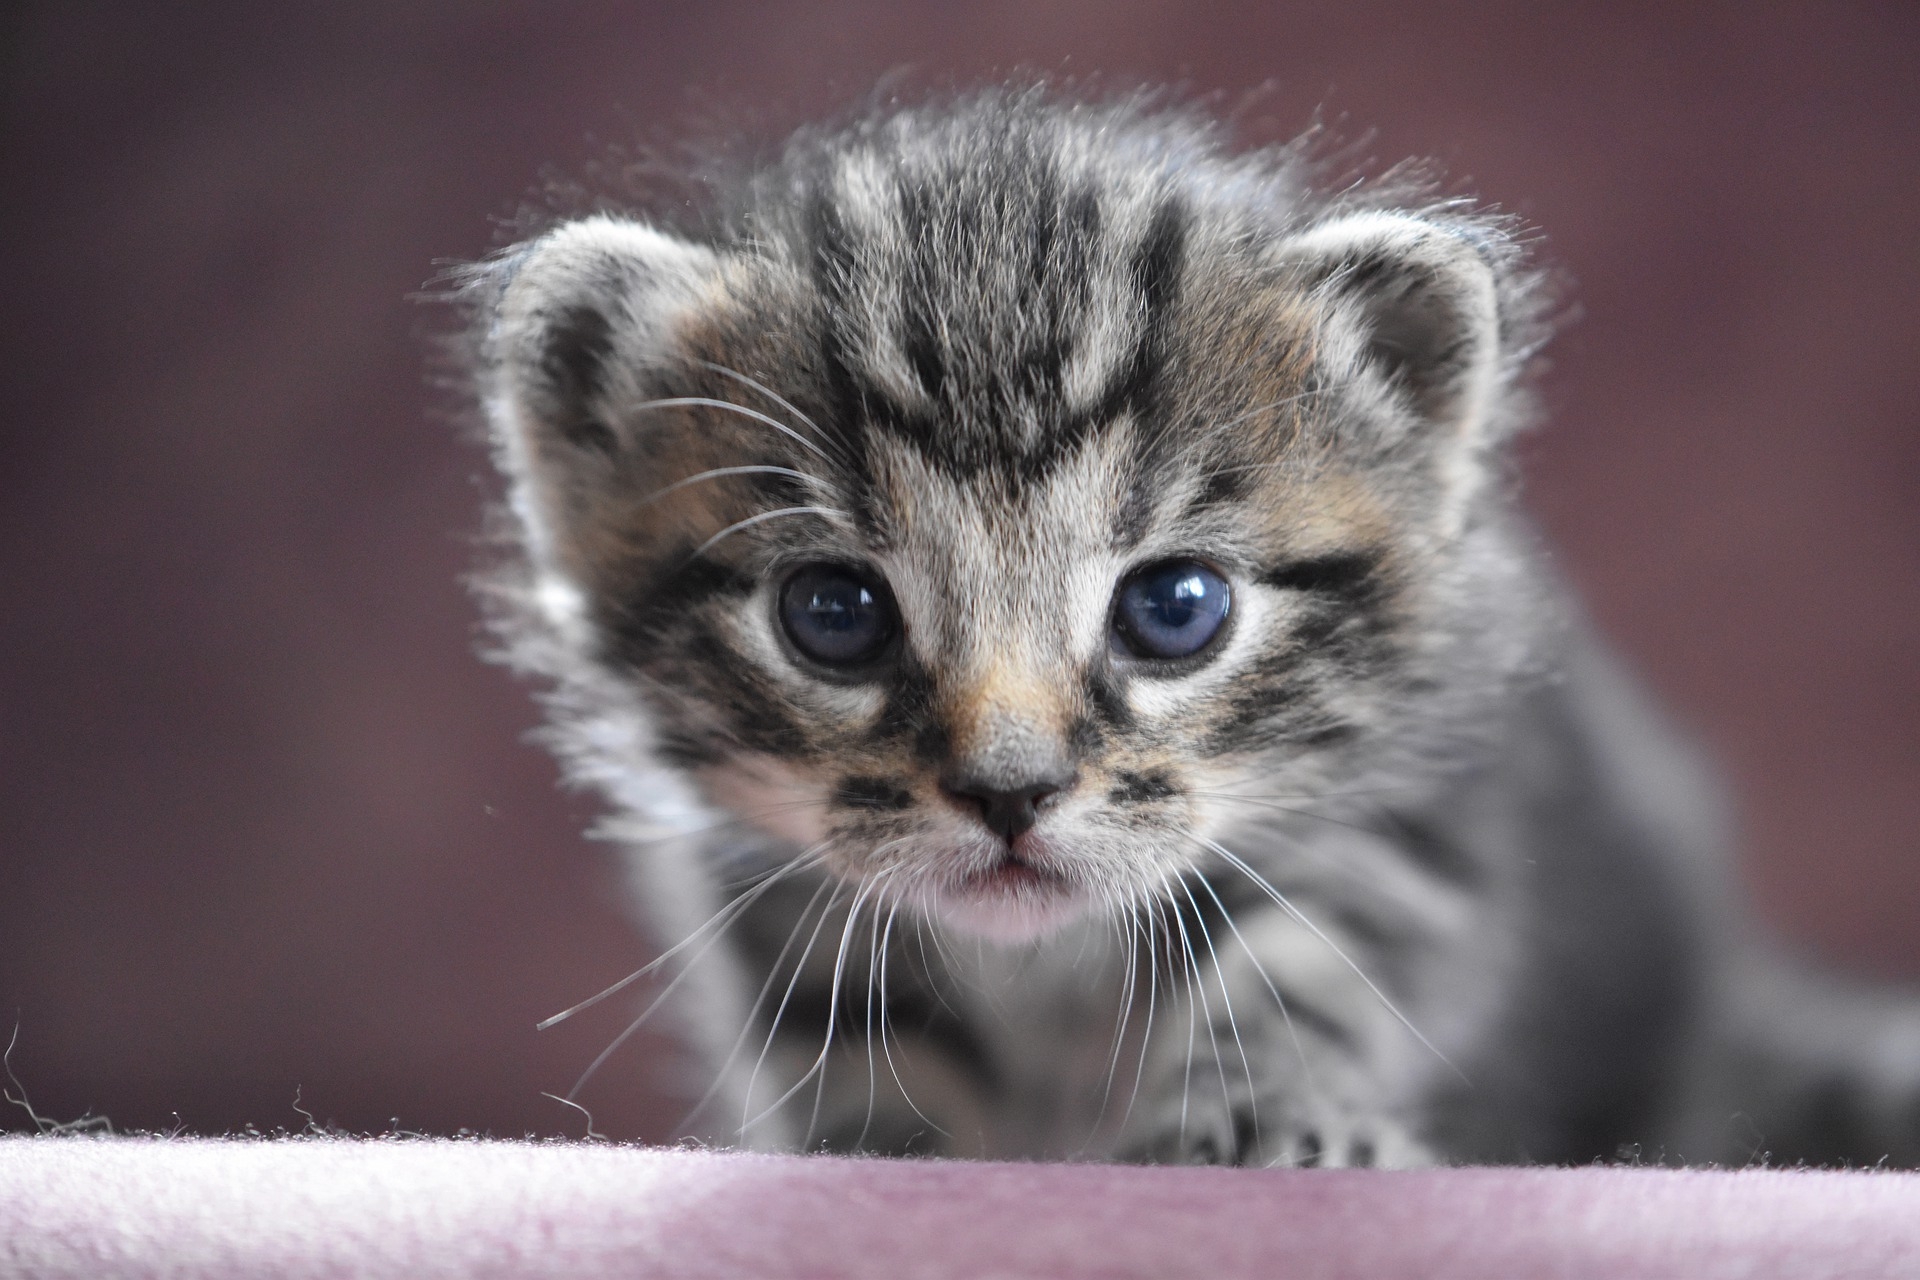 cat-baby-4201051_1920.jpg